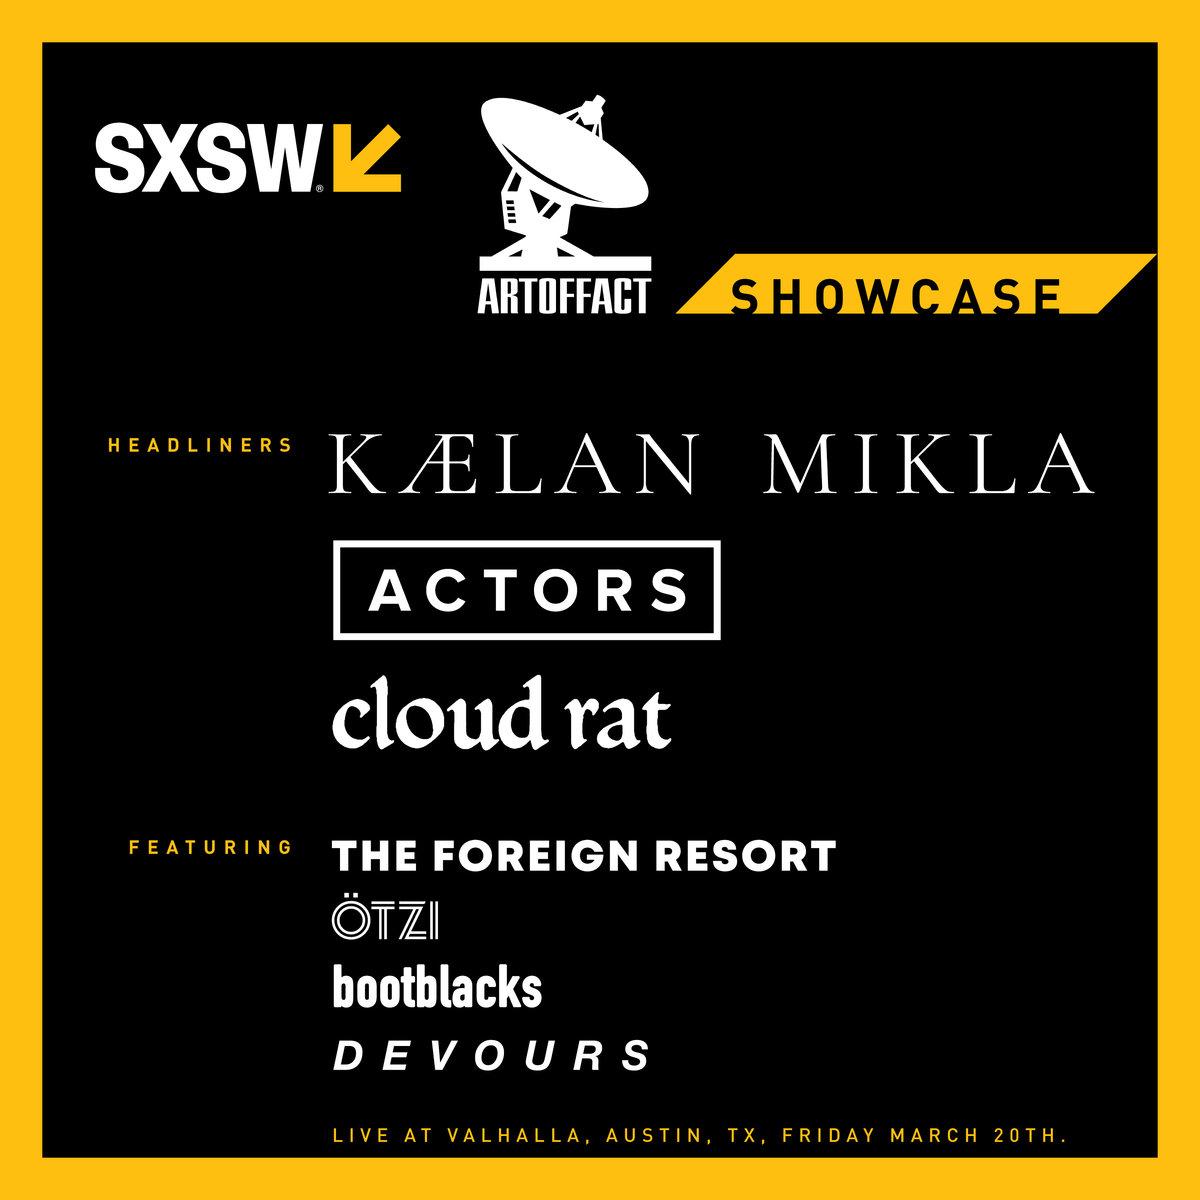 Festival – Music Festival SXSW 2020 – Artoffact Showcase